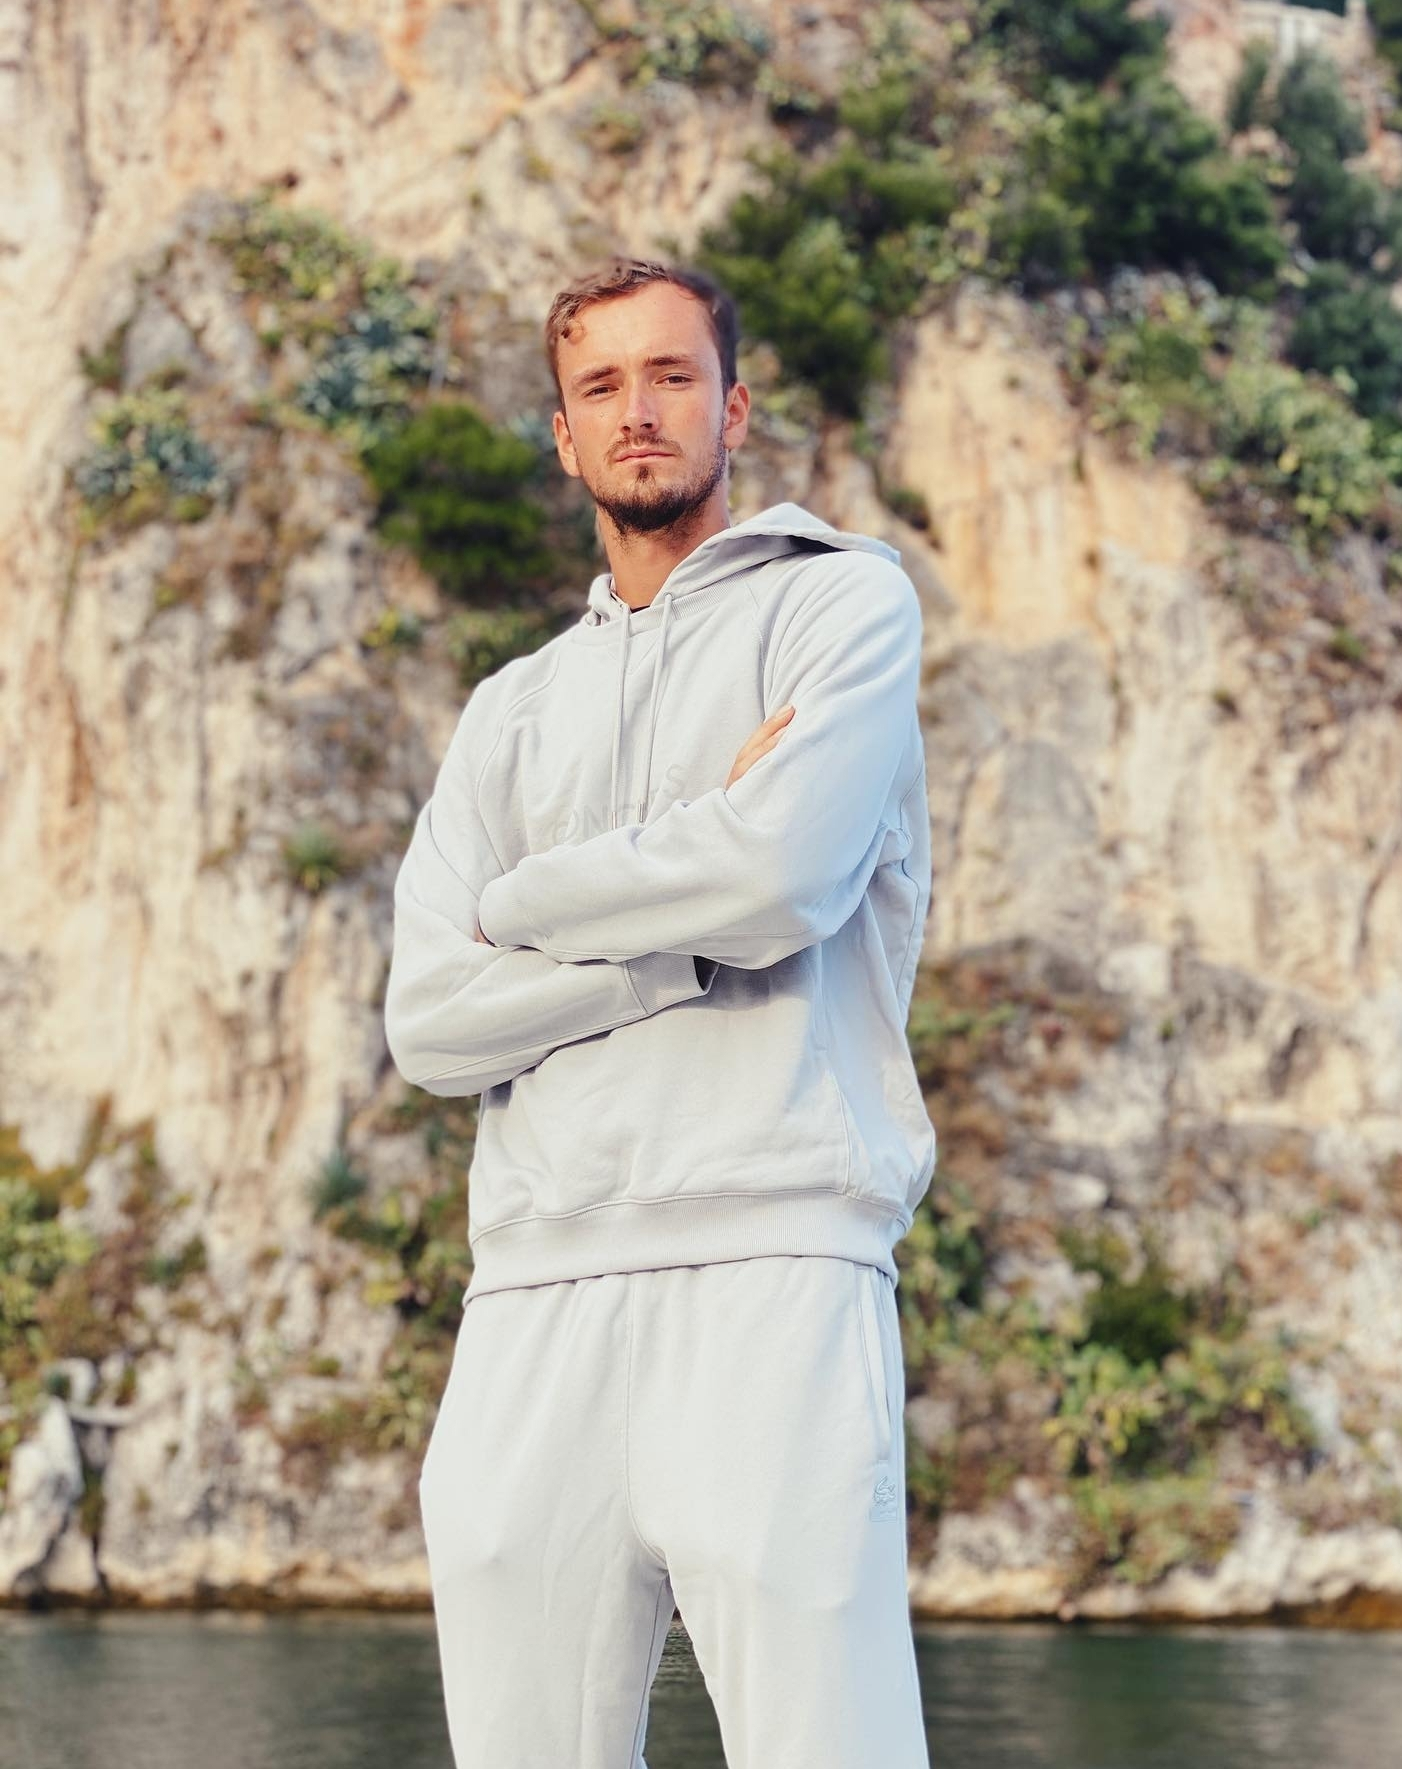 Даниил Медведев Ако 2020 имаше награда за тенесист с най-секси V-line, ето го. 4-ти в Световната тенис ранг листа, само 24-годишен, много hot.